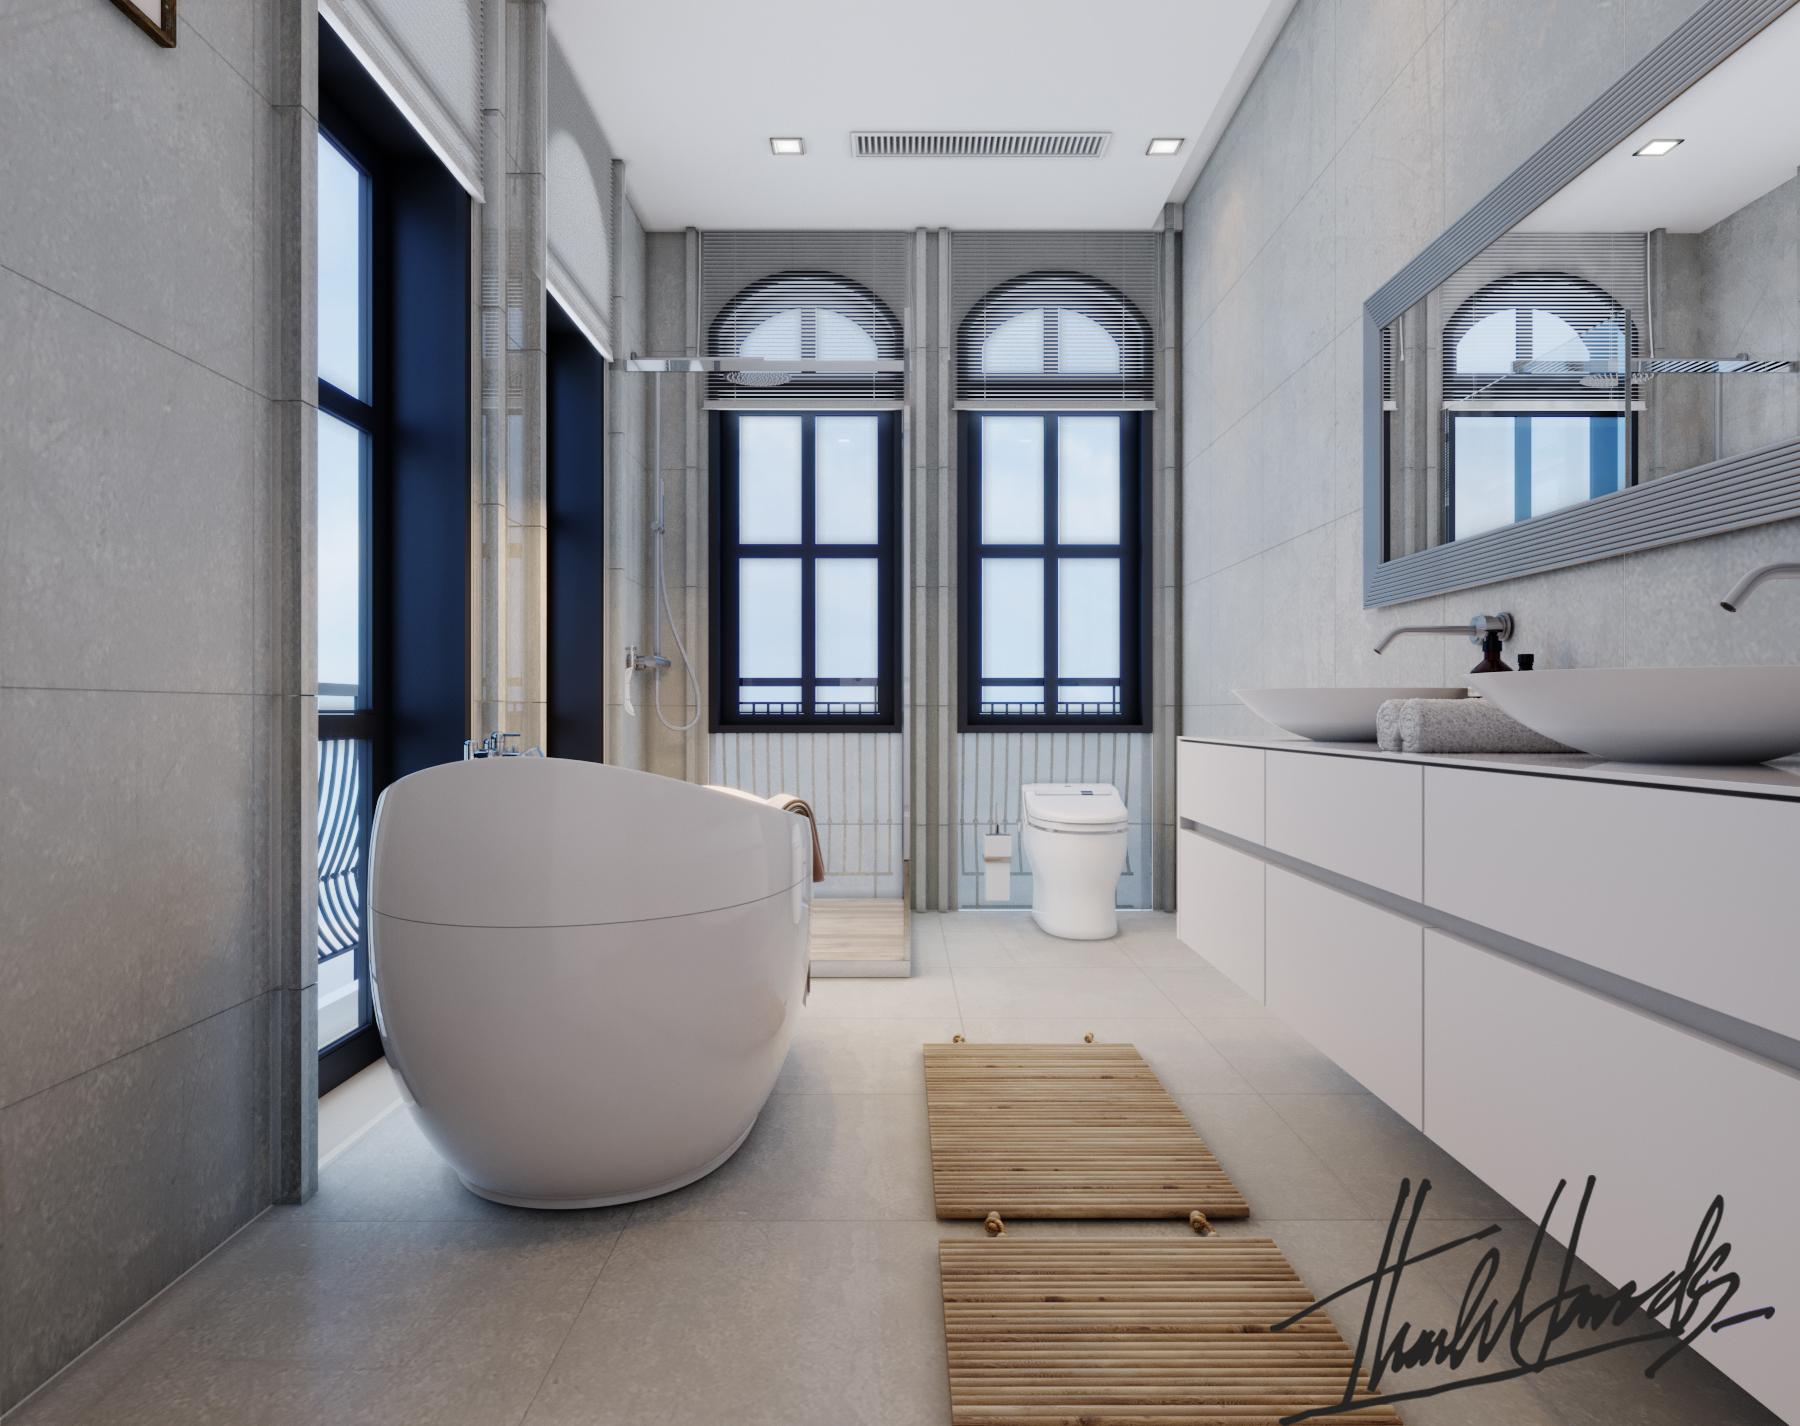 thiết kế nội thất Biệt Thự tại Hải Phòng Biệt thự Vinhomes - imperia ( khu VEN) 33 1568278790